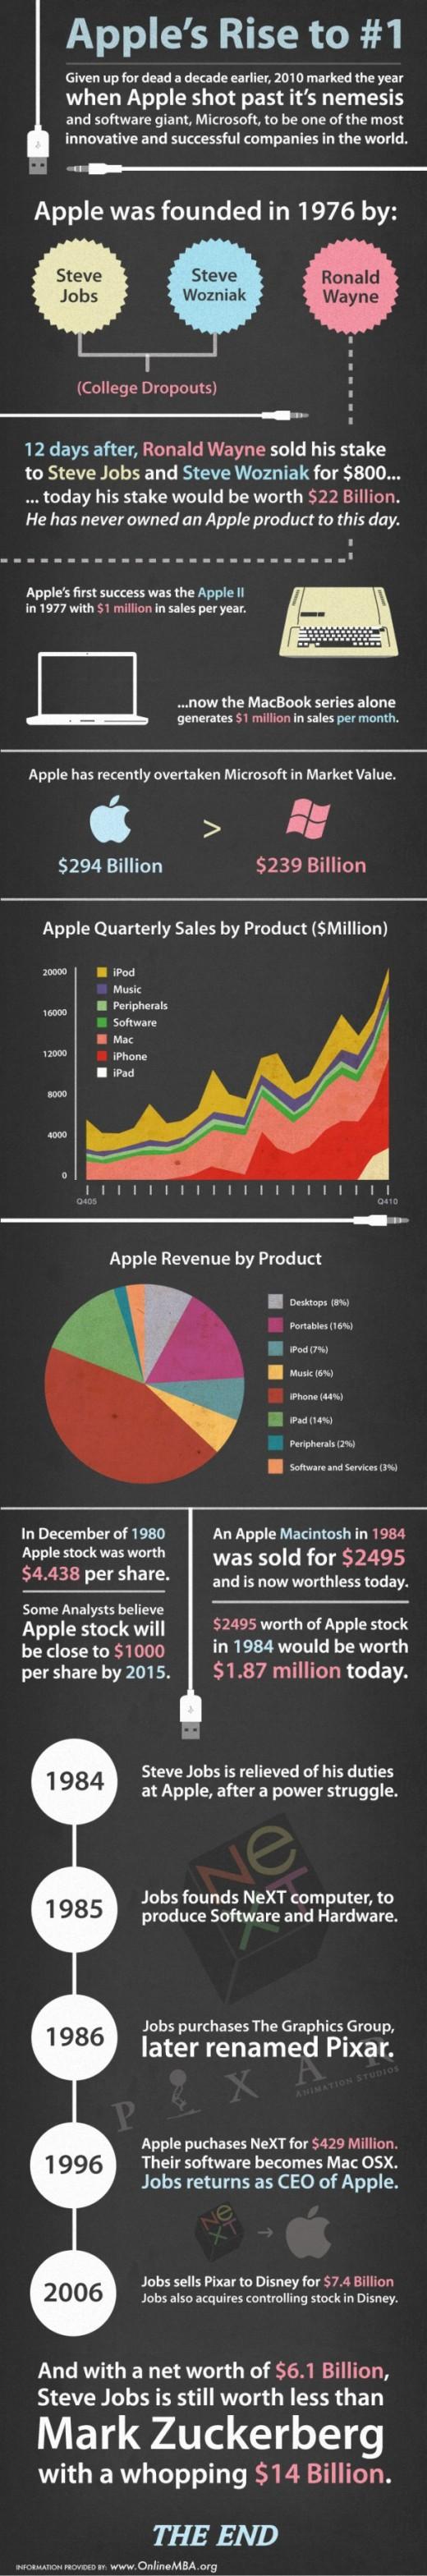 Apple presentaría el próximo miércoles, la tecnología 3D Touch Display 6